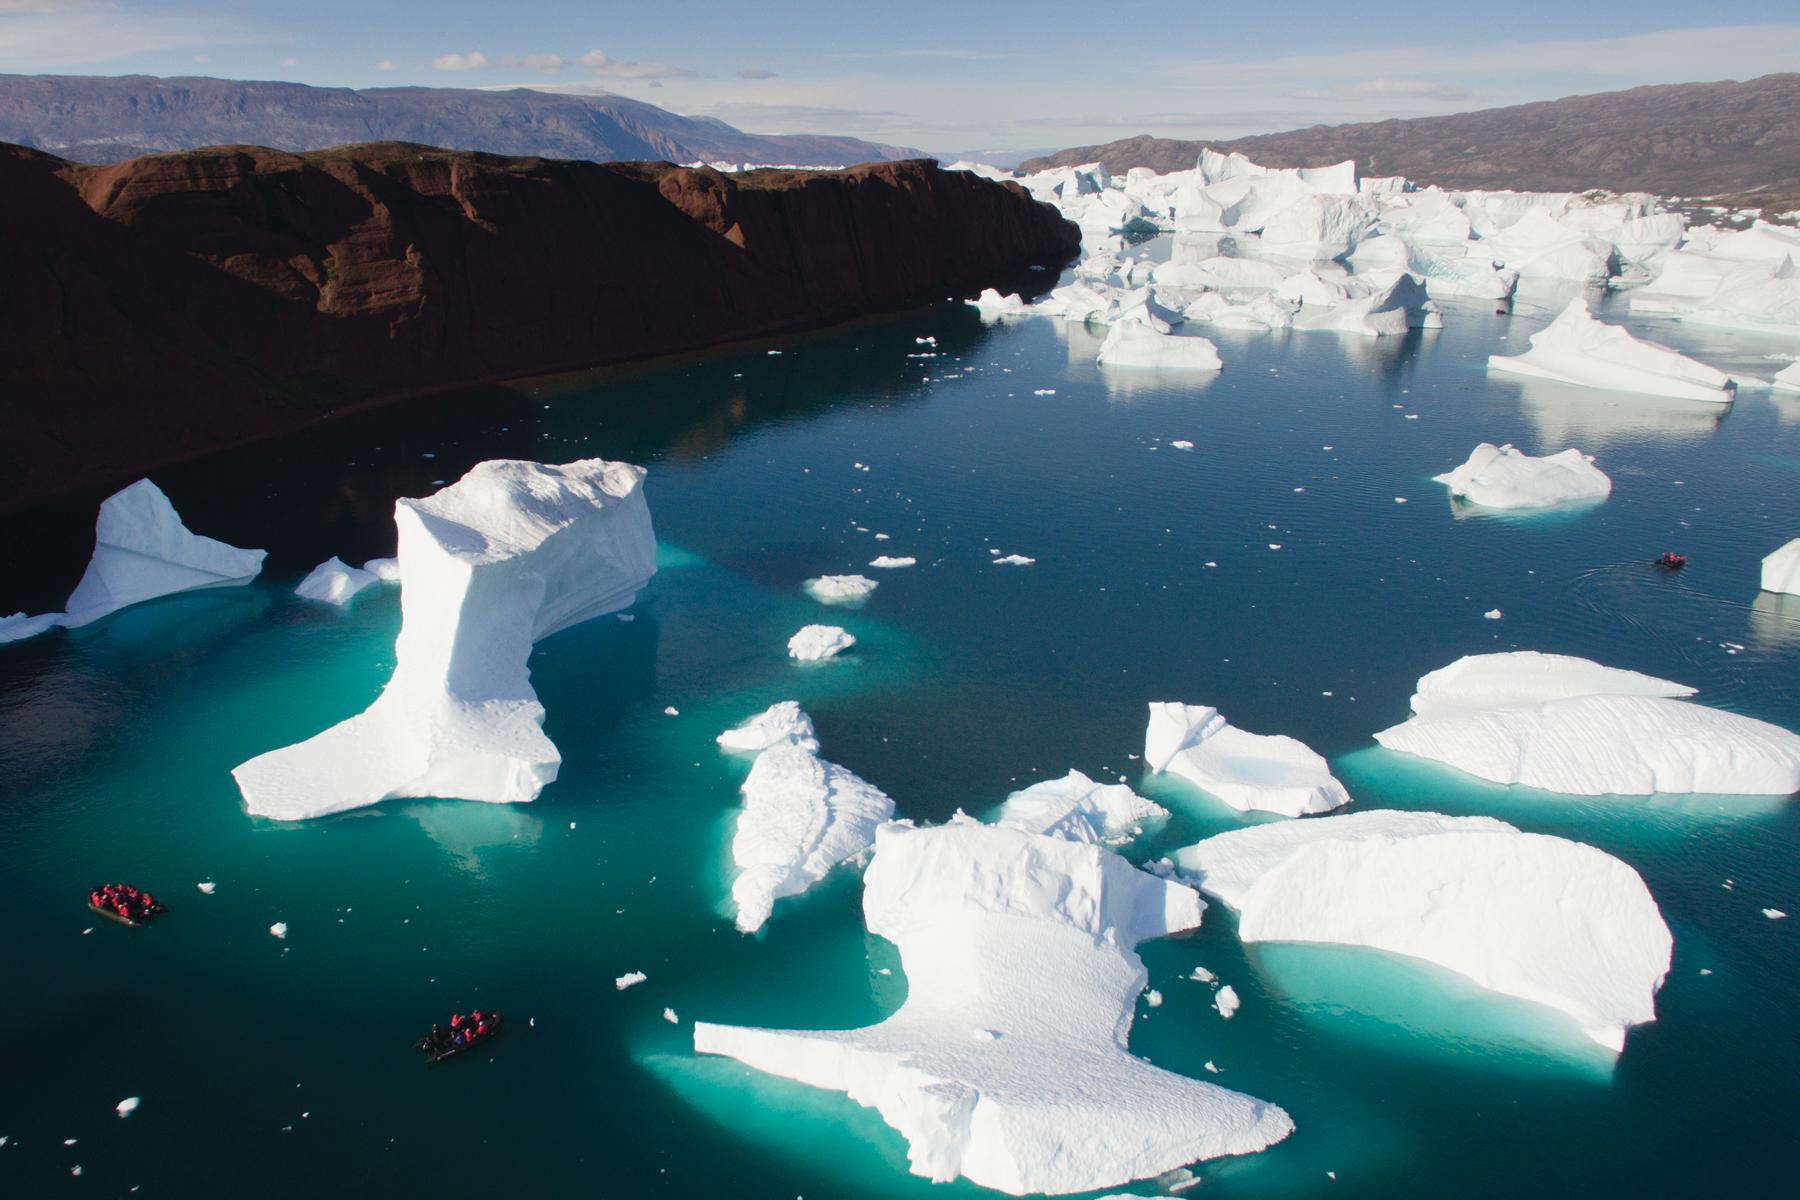 Arktische Gewässer mit Eisschollen auf einer Kreuzfahrt durch die Arktis mit der Silver Wind von Silversea Cruises